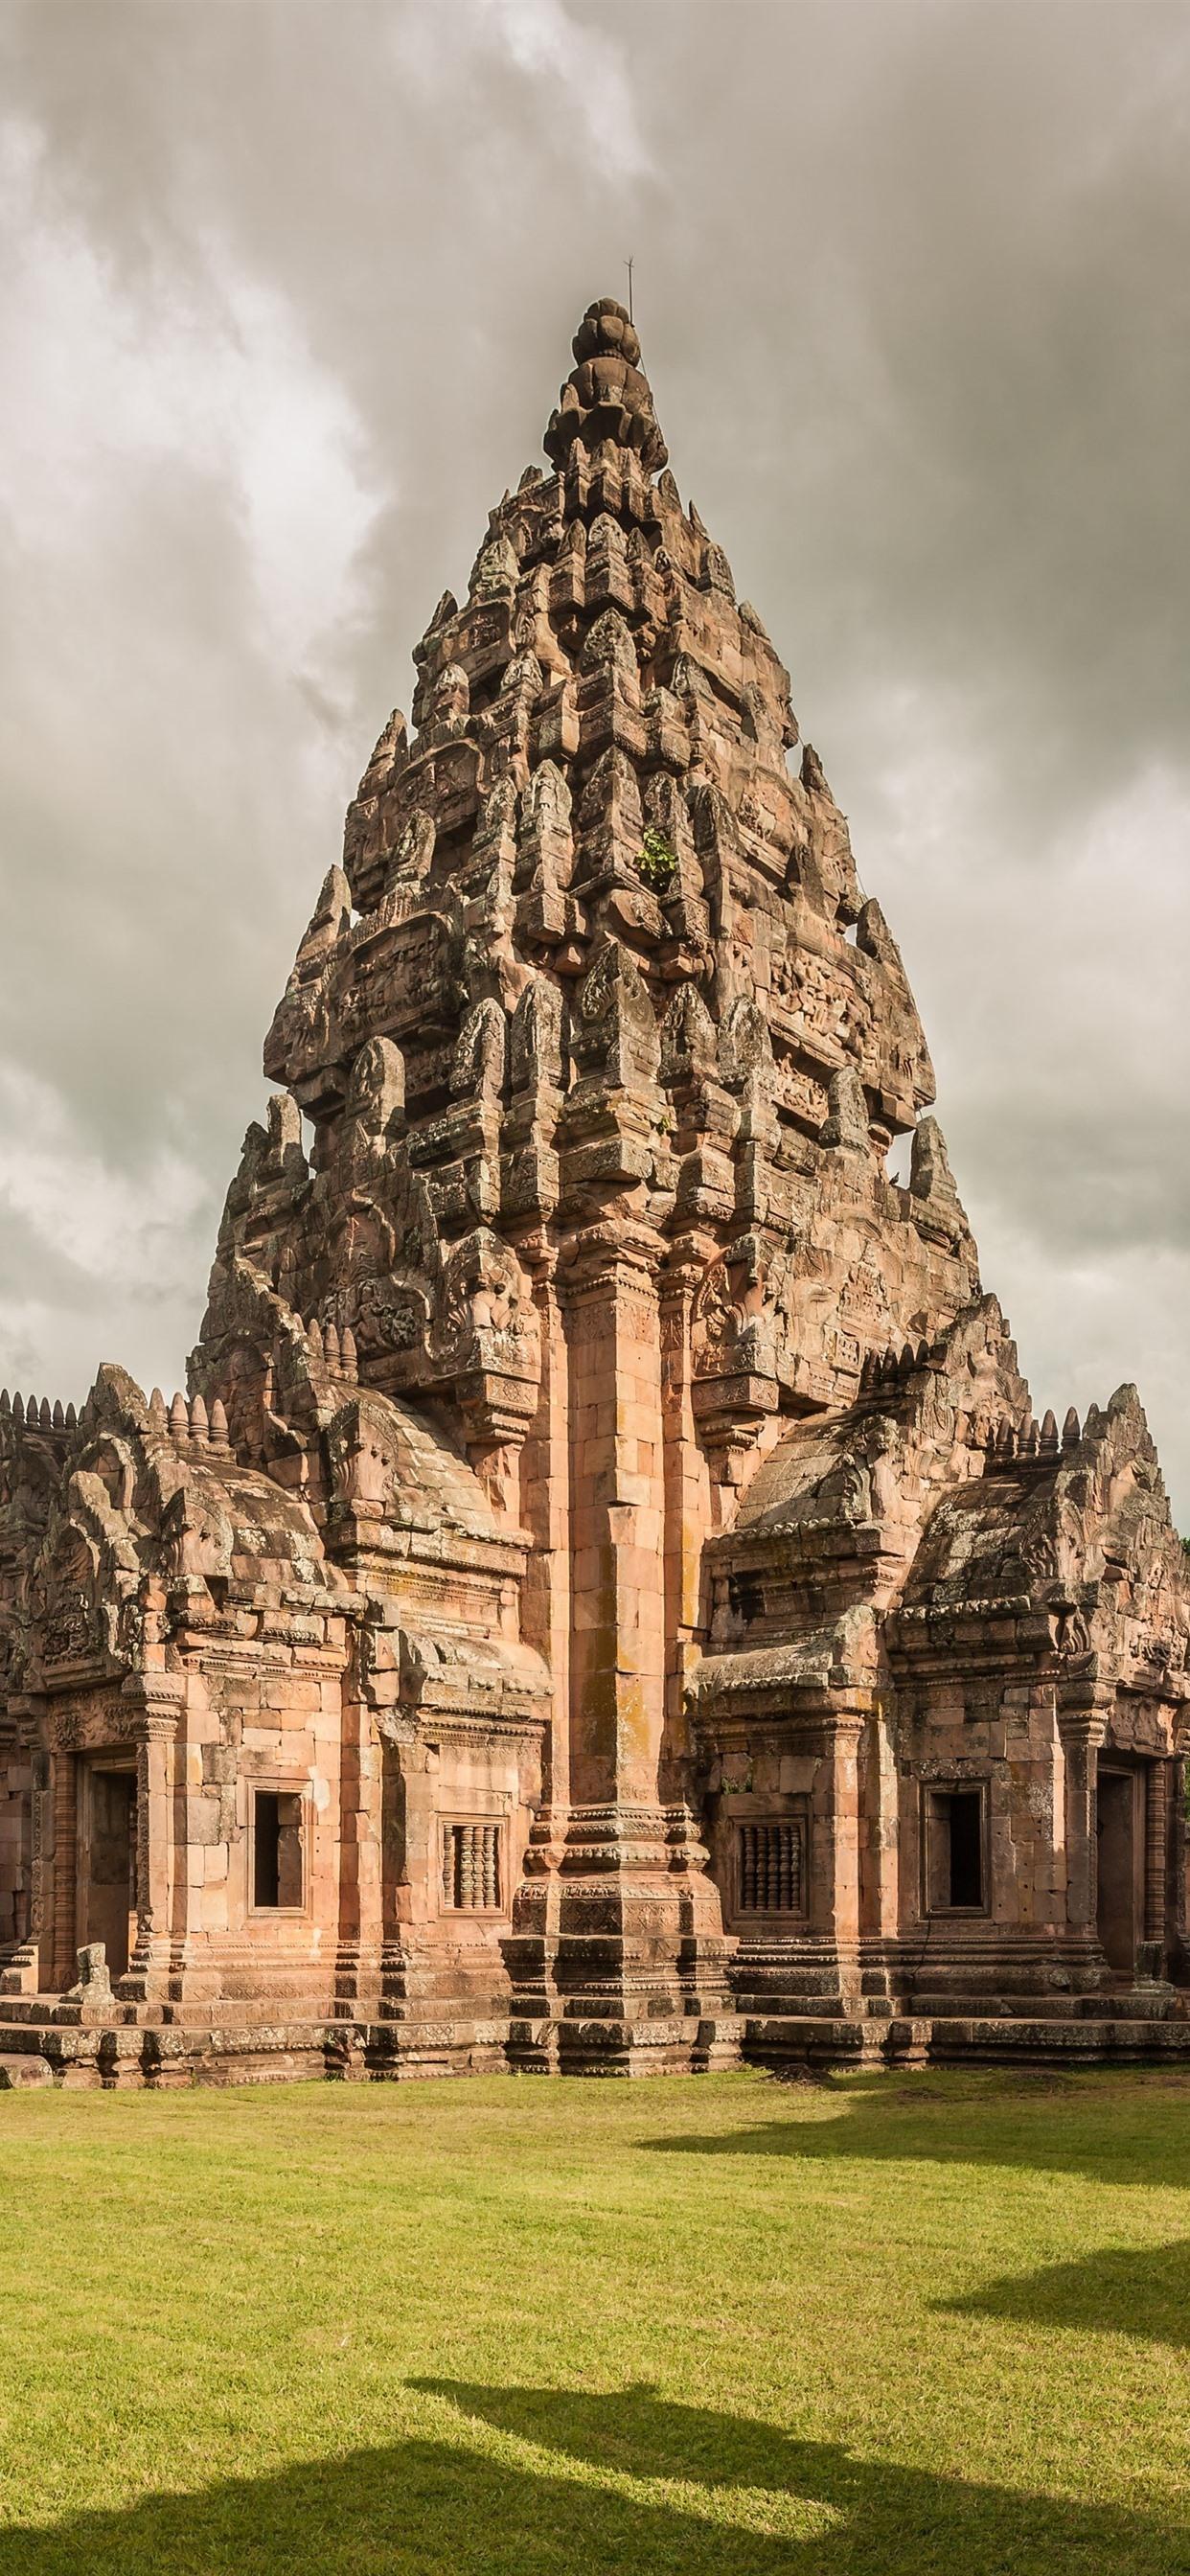 パノムルン歴史公園 寺院 タイ 1242x2688 Iphone 11 Pro Xs Max 壁紙